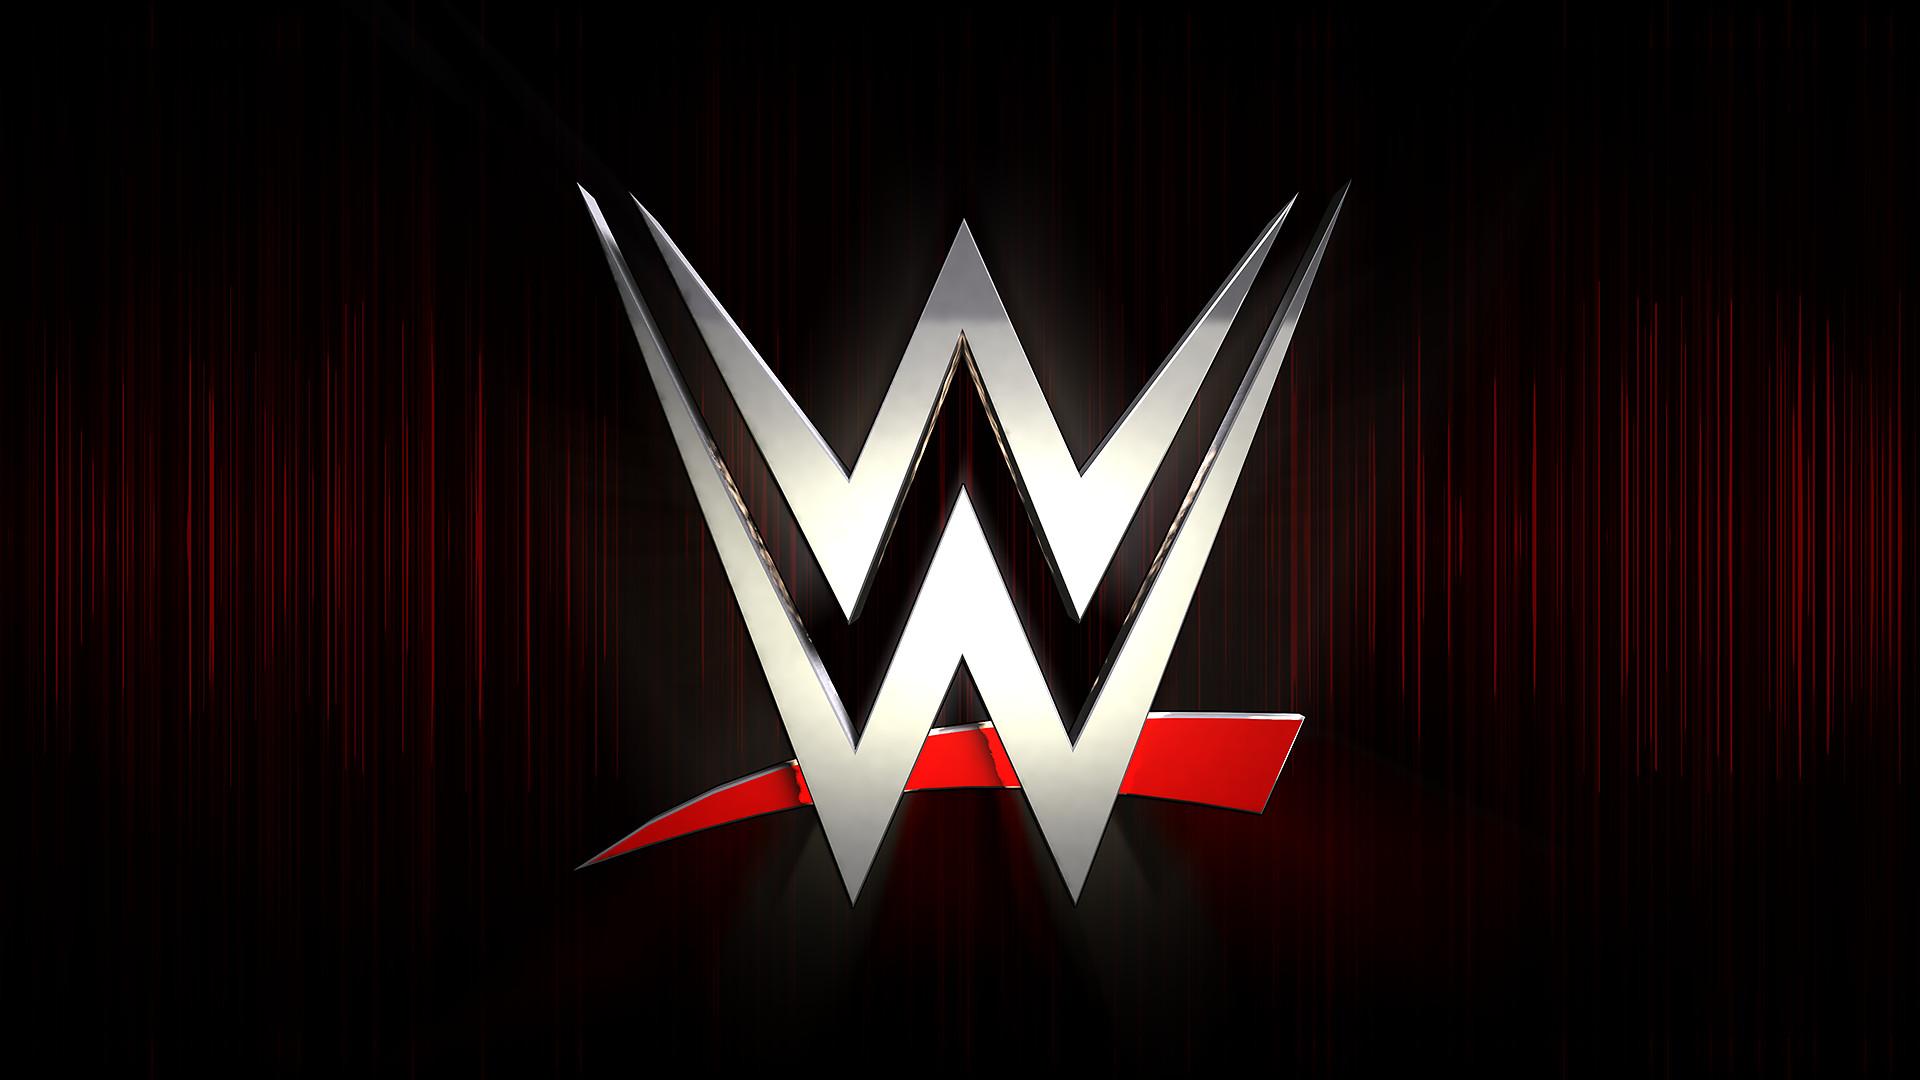 WWE HD Wallpapers Free Wallpaper Downloads WWE HD Desktop   HD Wallpapers    Pinterest   Hd wallpaper, Wallpaper downloads and Wallpaper